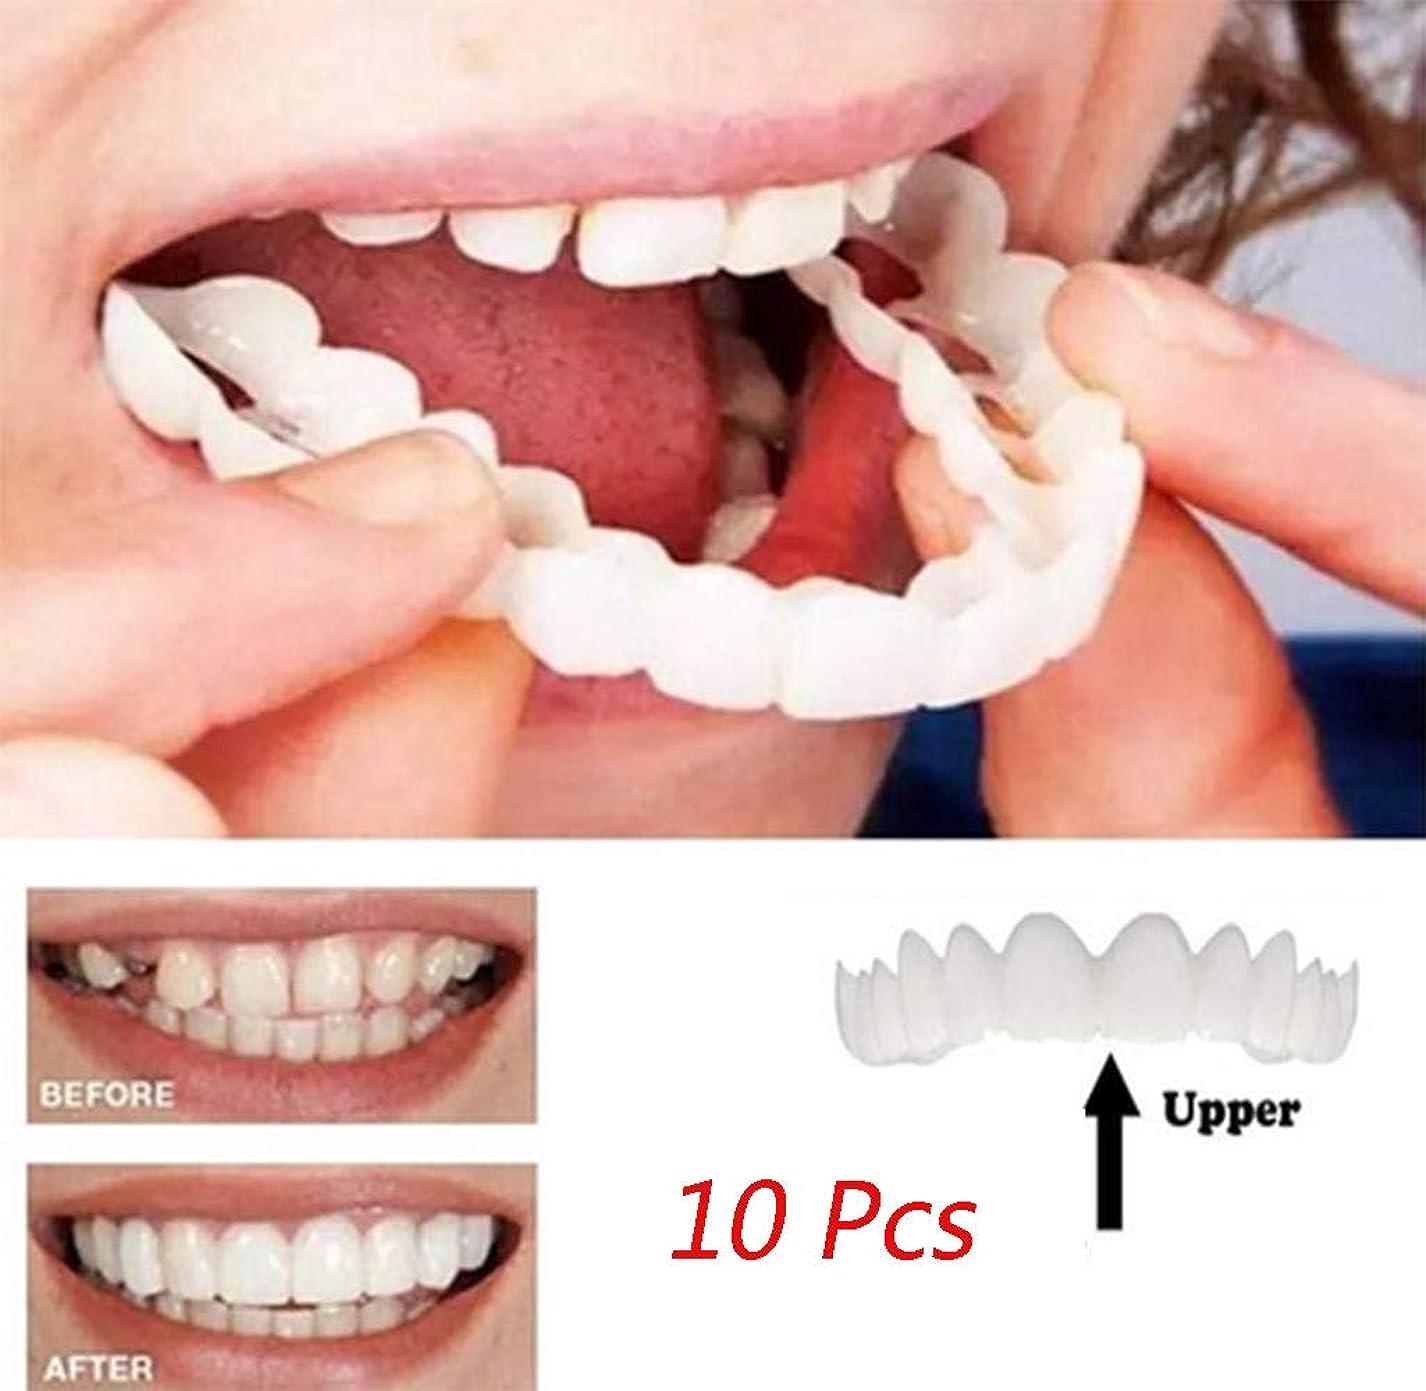 植物のトライアスリートネブ10個の新しい歯科用化粧板笑顔の快適さフィットフレックス化粧品の歯義歯の歯のトップ化粧品の化粧板の再利用可能(アッパー)